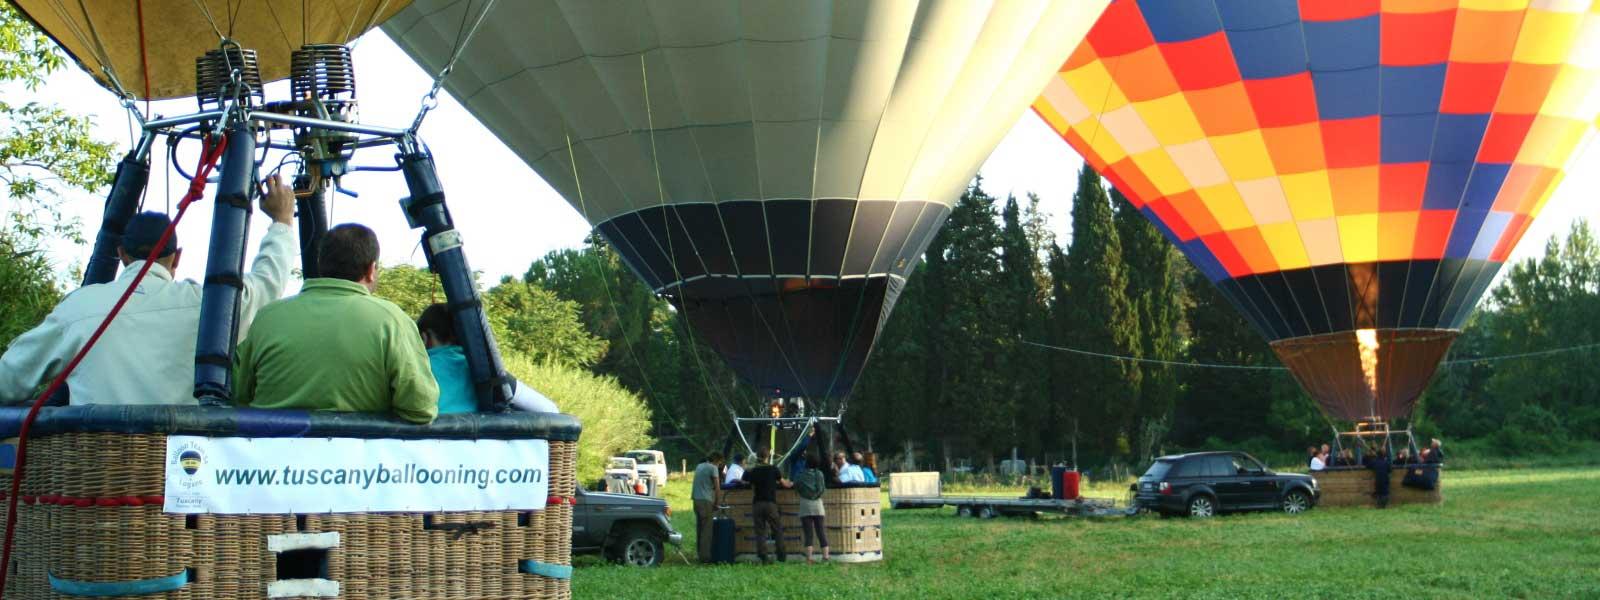 mongolfiere-pronte-al-decollo-chianti